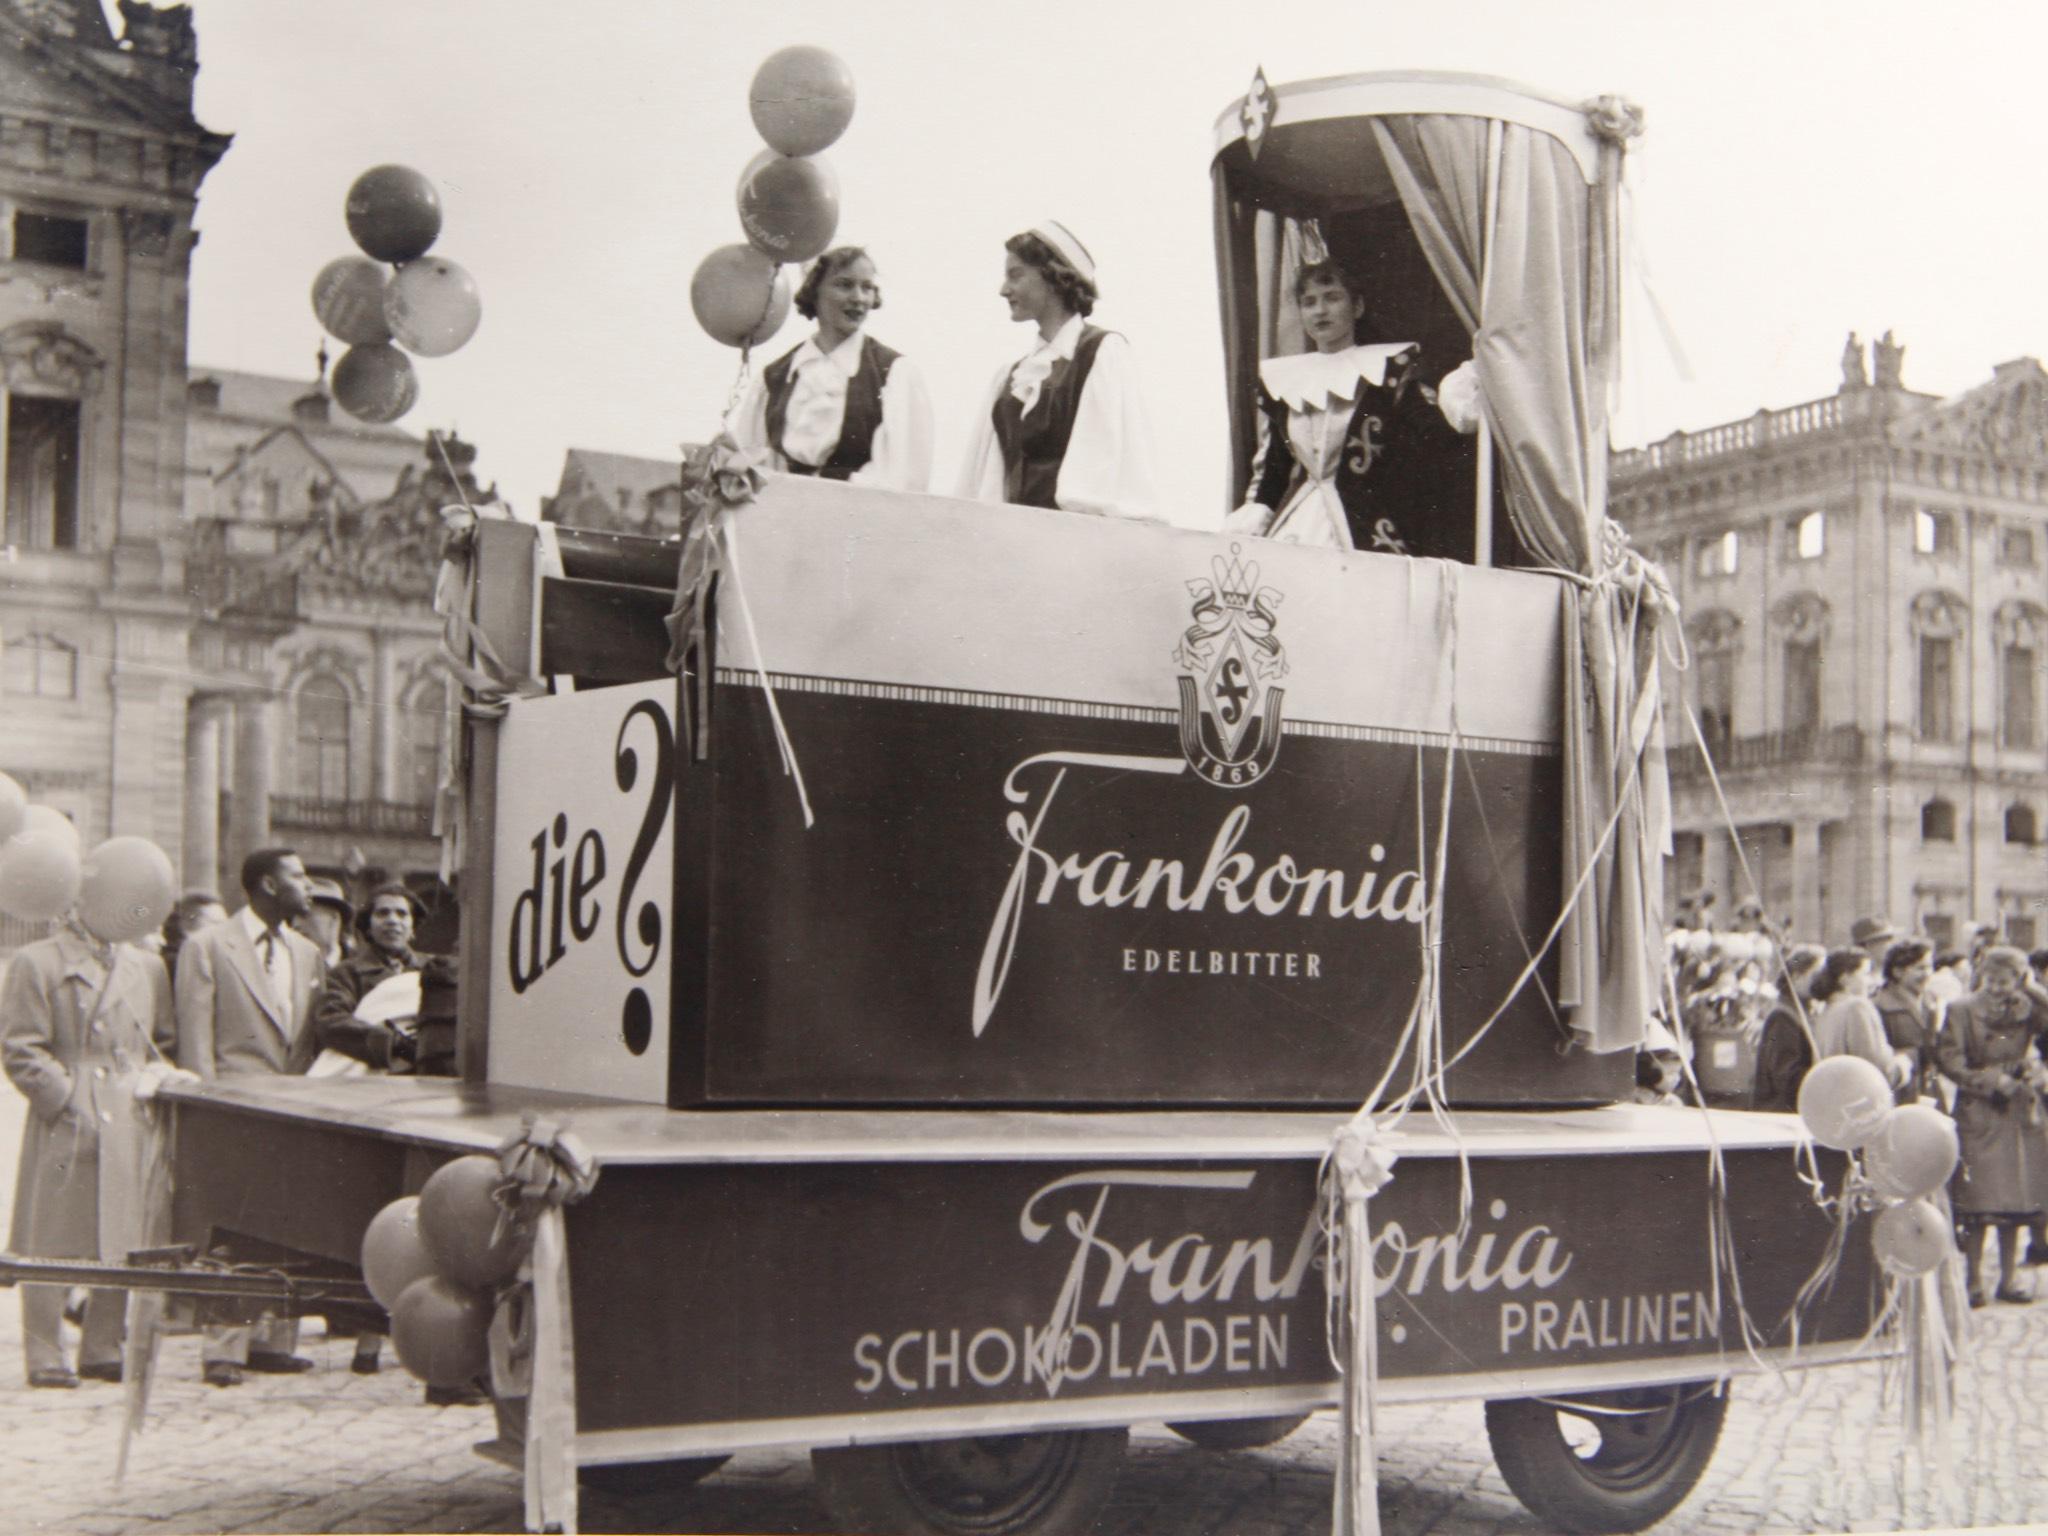 Frankonia Schokoladenwerke auf dem Würzburger Residenzplatz. Foto: Frankonia Schokoladenwerke GmbH